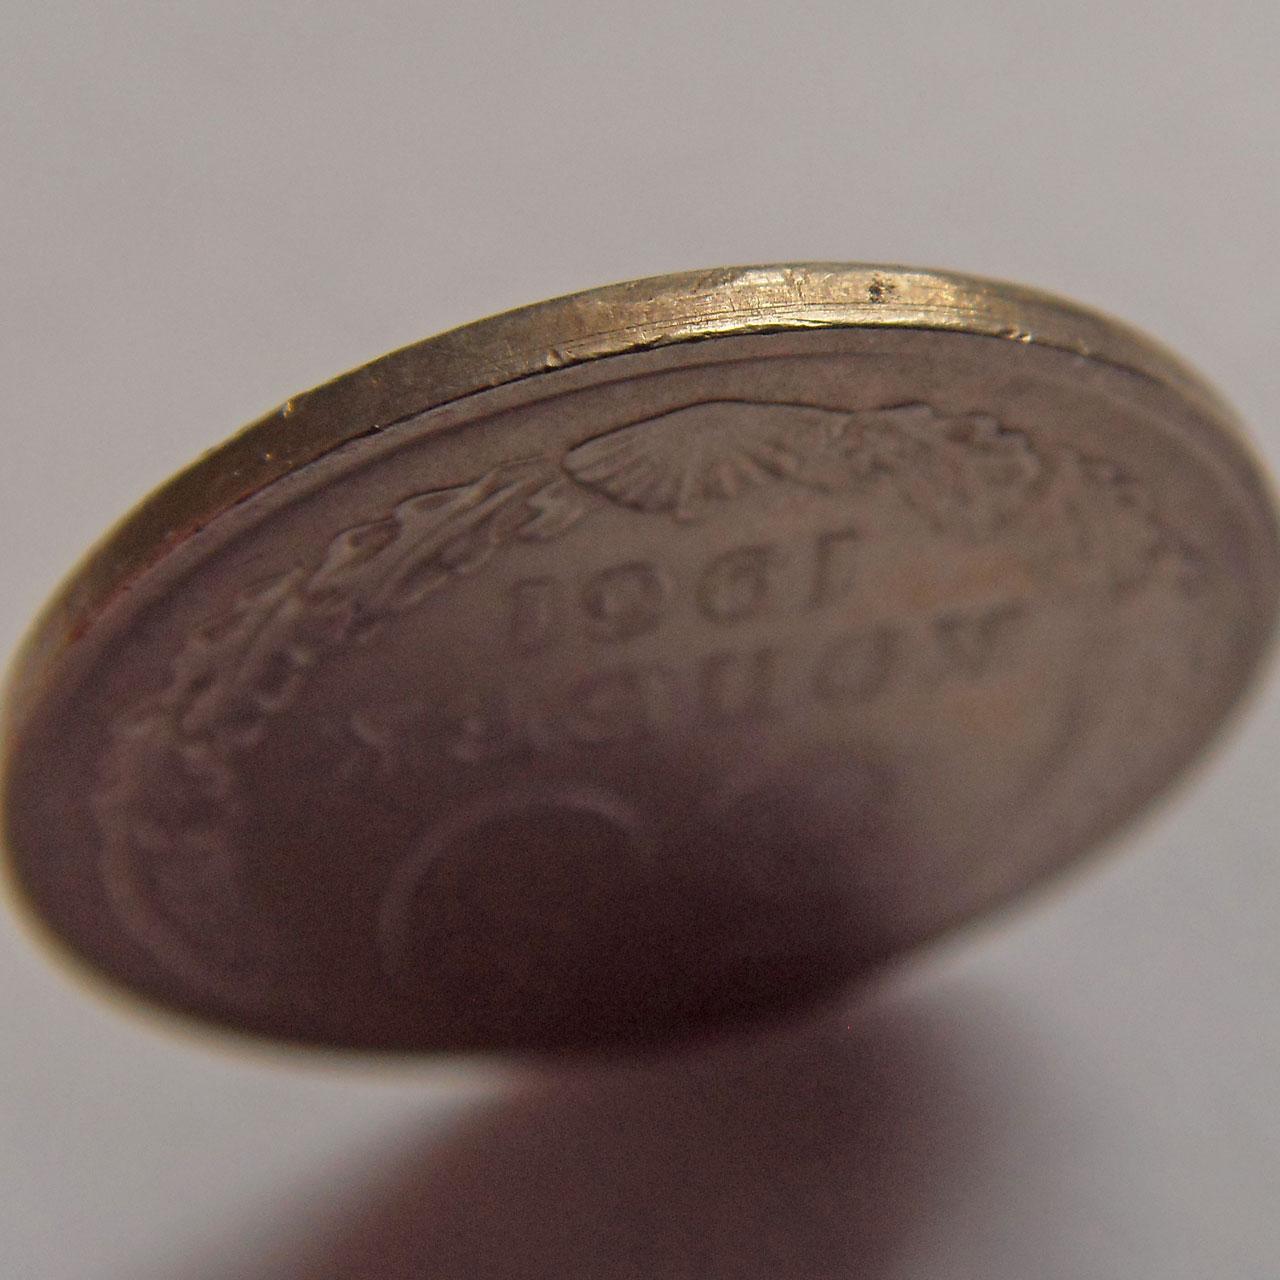 стоимость монеты 1 копеек 2003 года украина цена